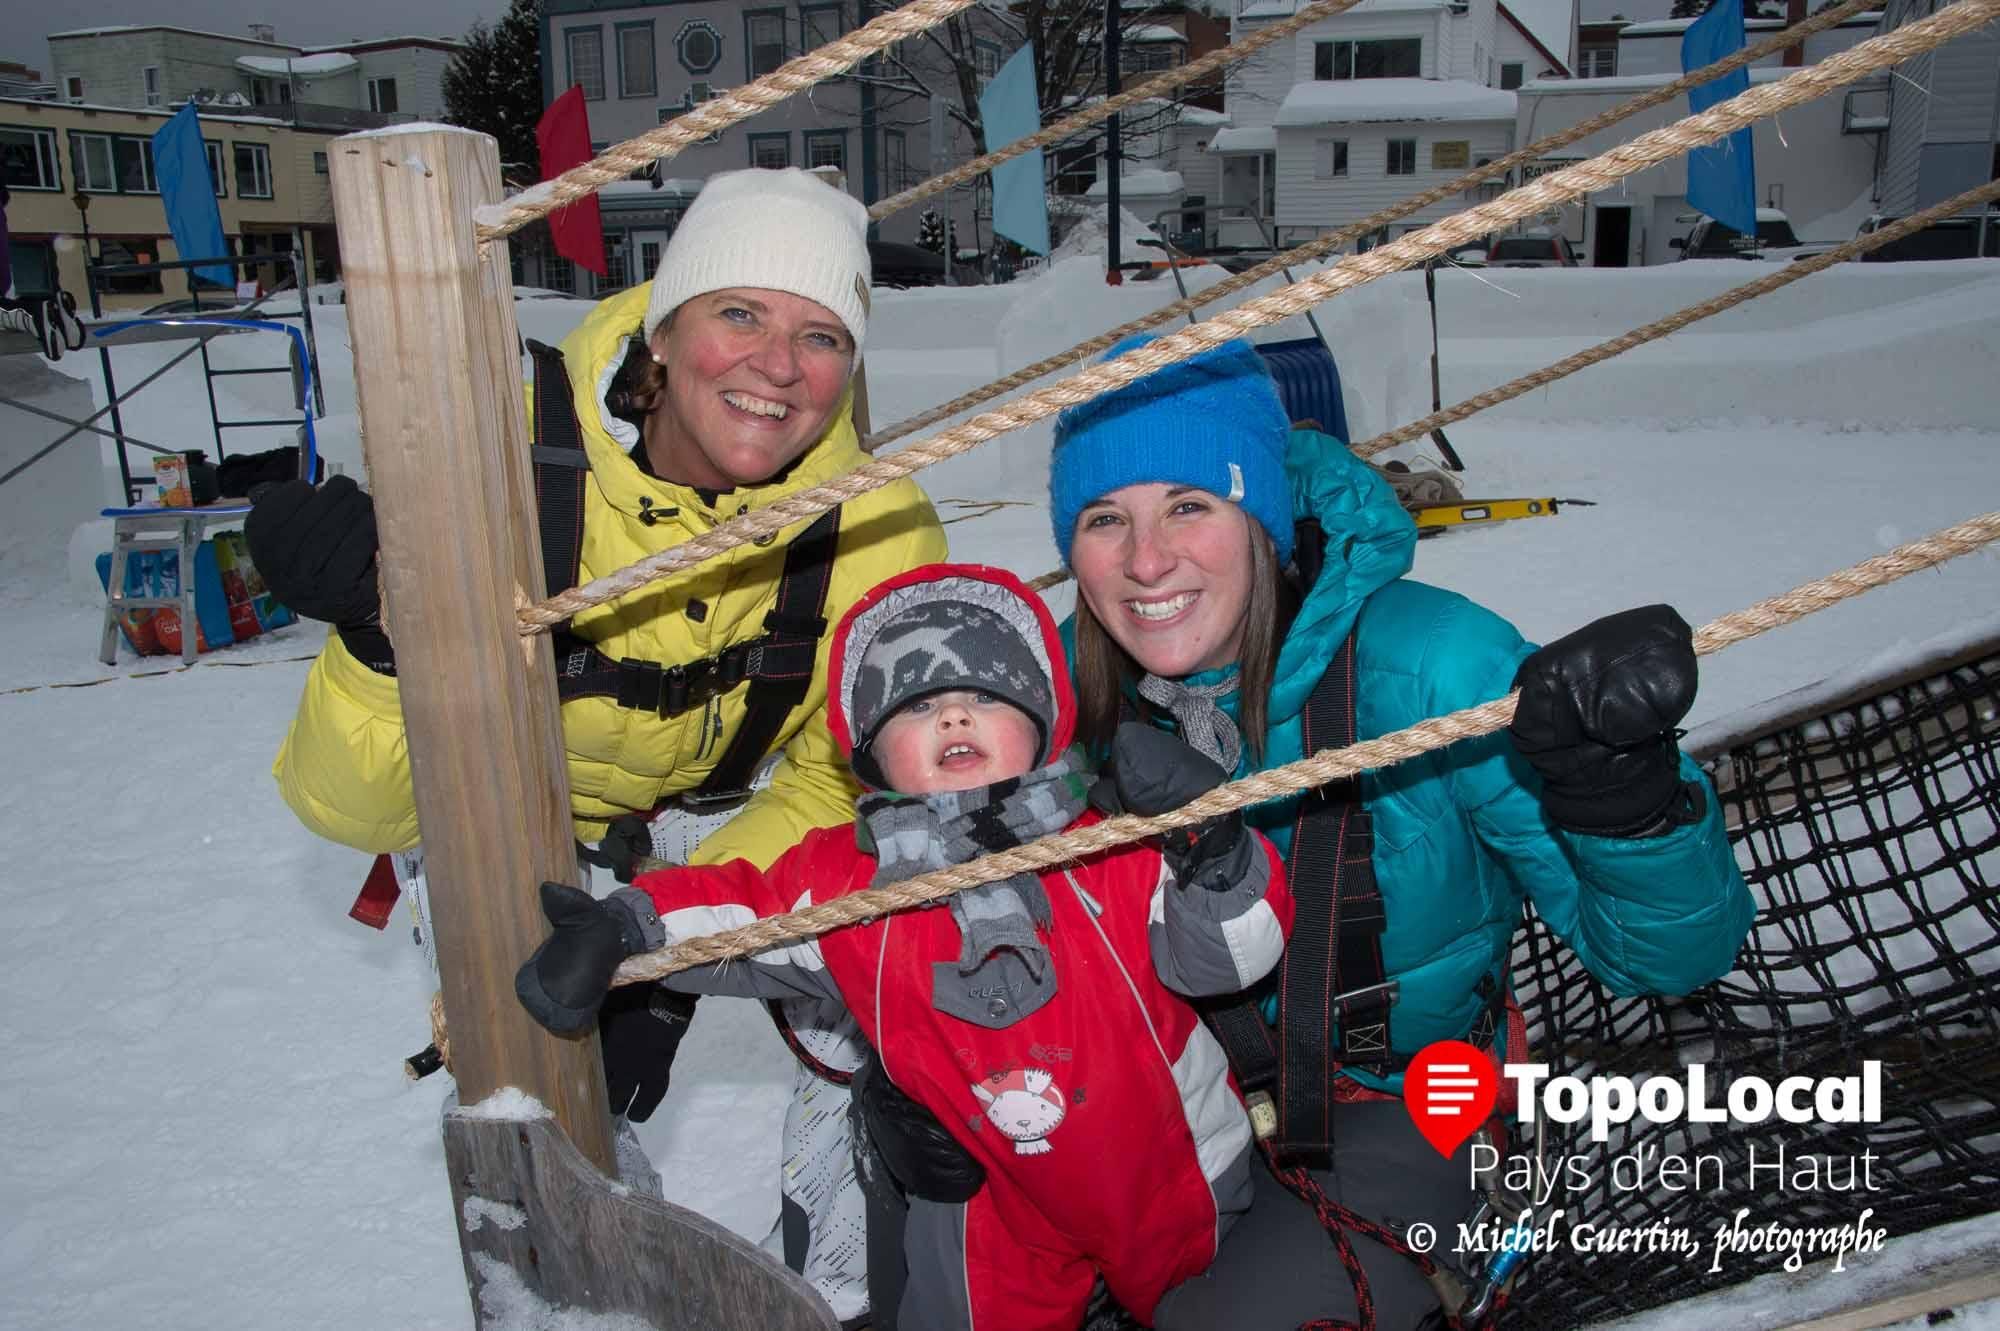 À Festi-Neige en fin de semaine dernière Sylvie Titmus en compagnie de sa fille Catherine Forget on initié leur jeune Théo Lamothe aux jeu d'hébertisme pour les jeines enfants.